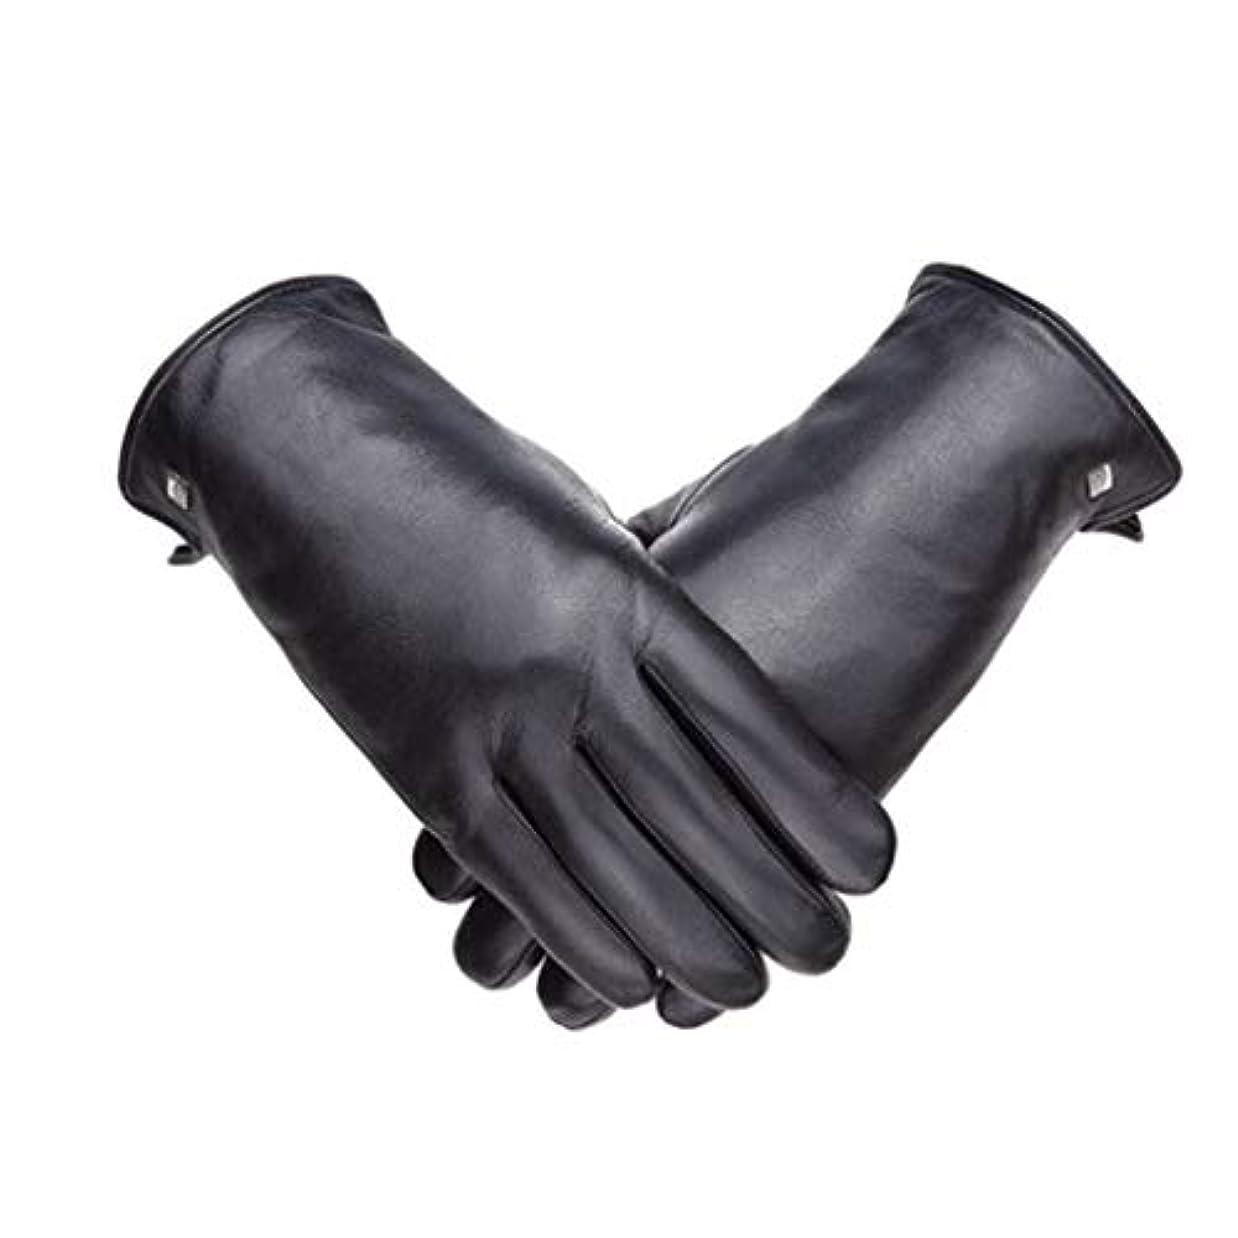 厳密に相反するアクロバット革の肥厚プラスベルベット柔らかなヤギの男性の手袋防風寒い冬暖かい手袋を乗って19841101-01B黒XXL